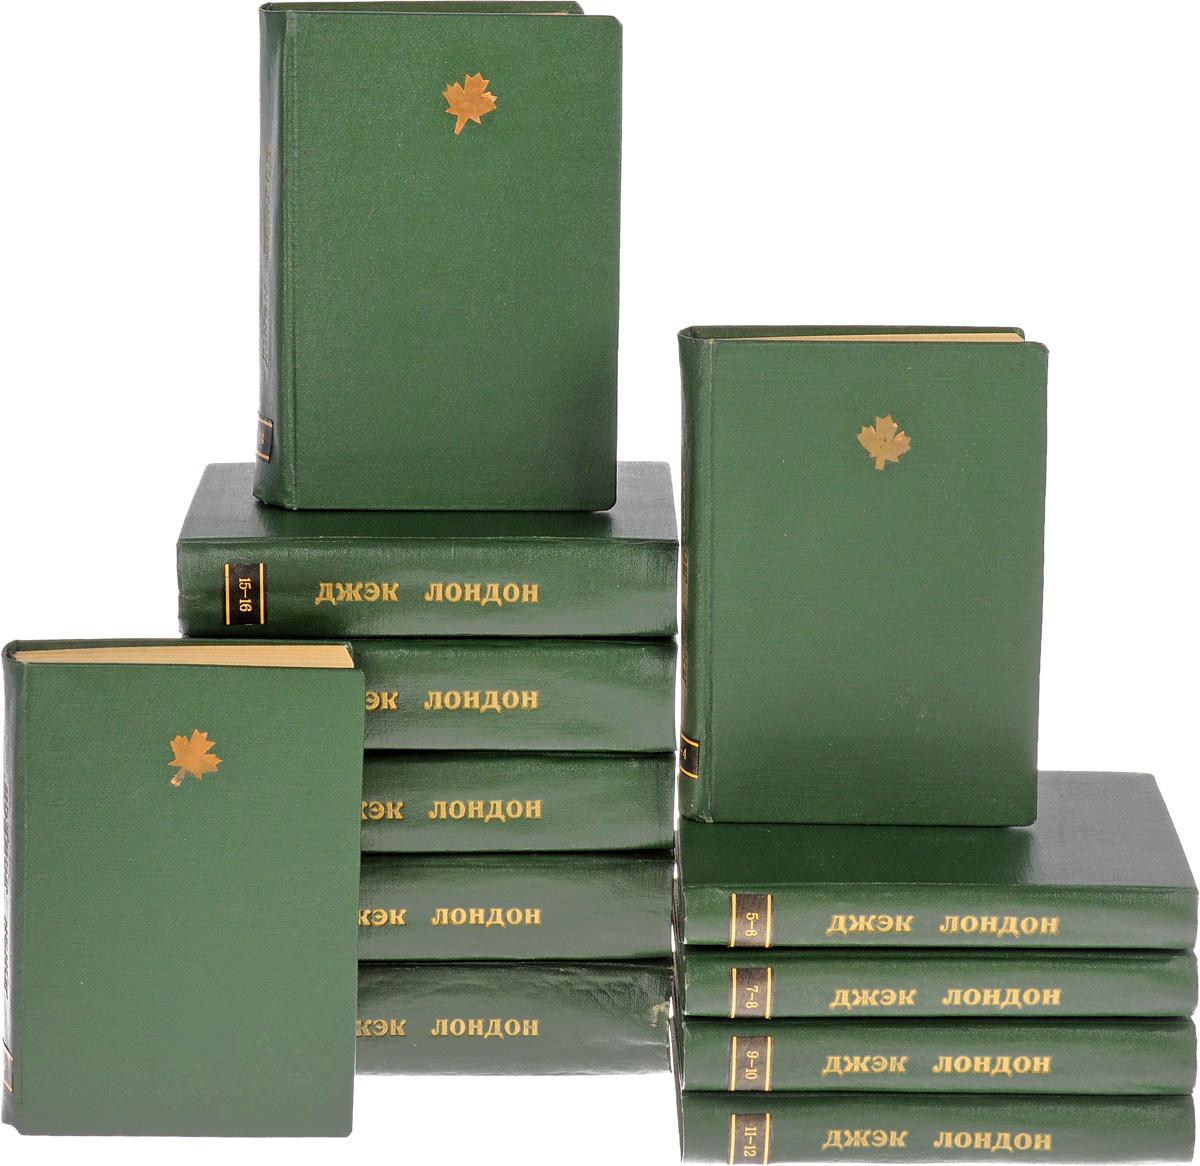 Джек Лондон. Полное собрание сочинений в 24 томах (комплект из 12 книг) ЗИФ 1928